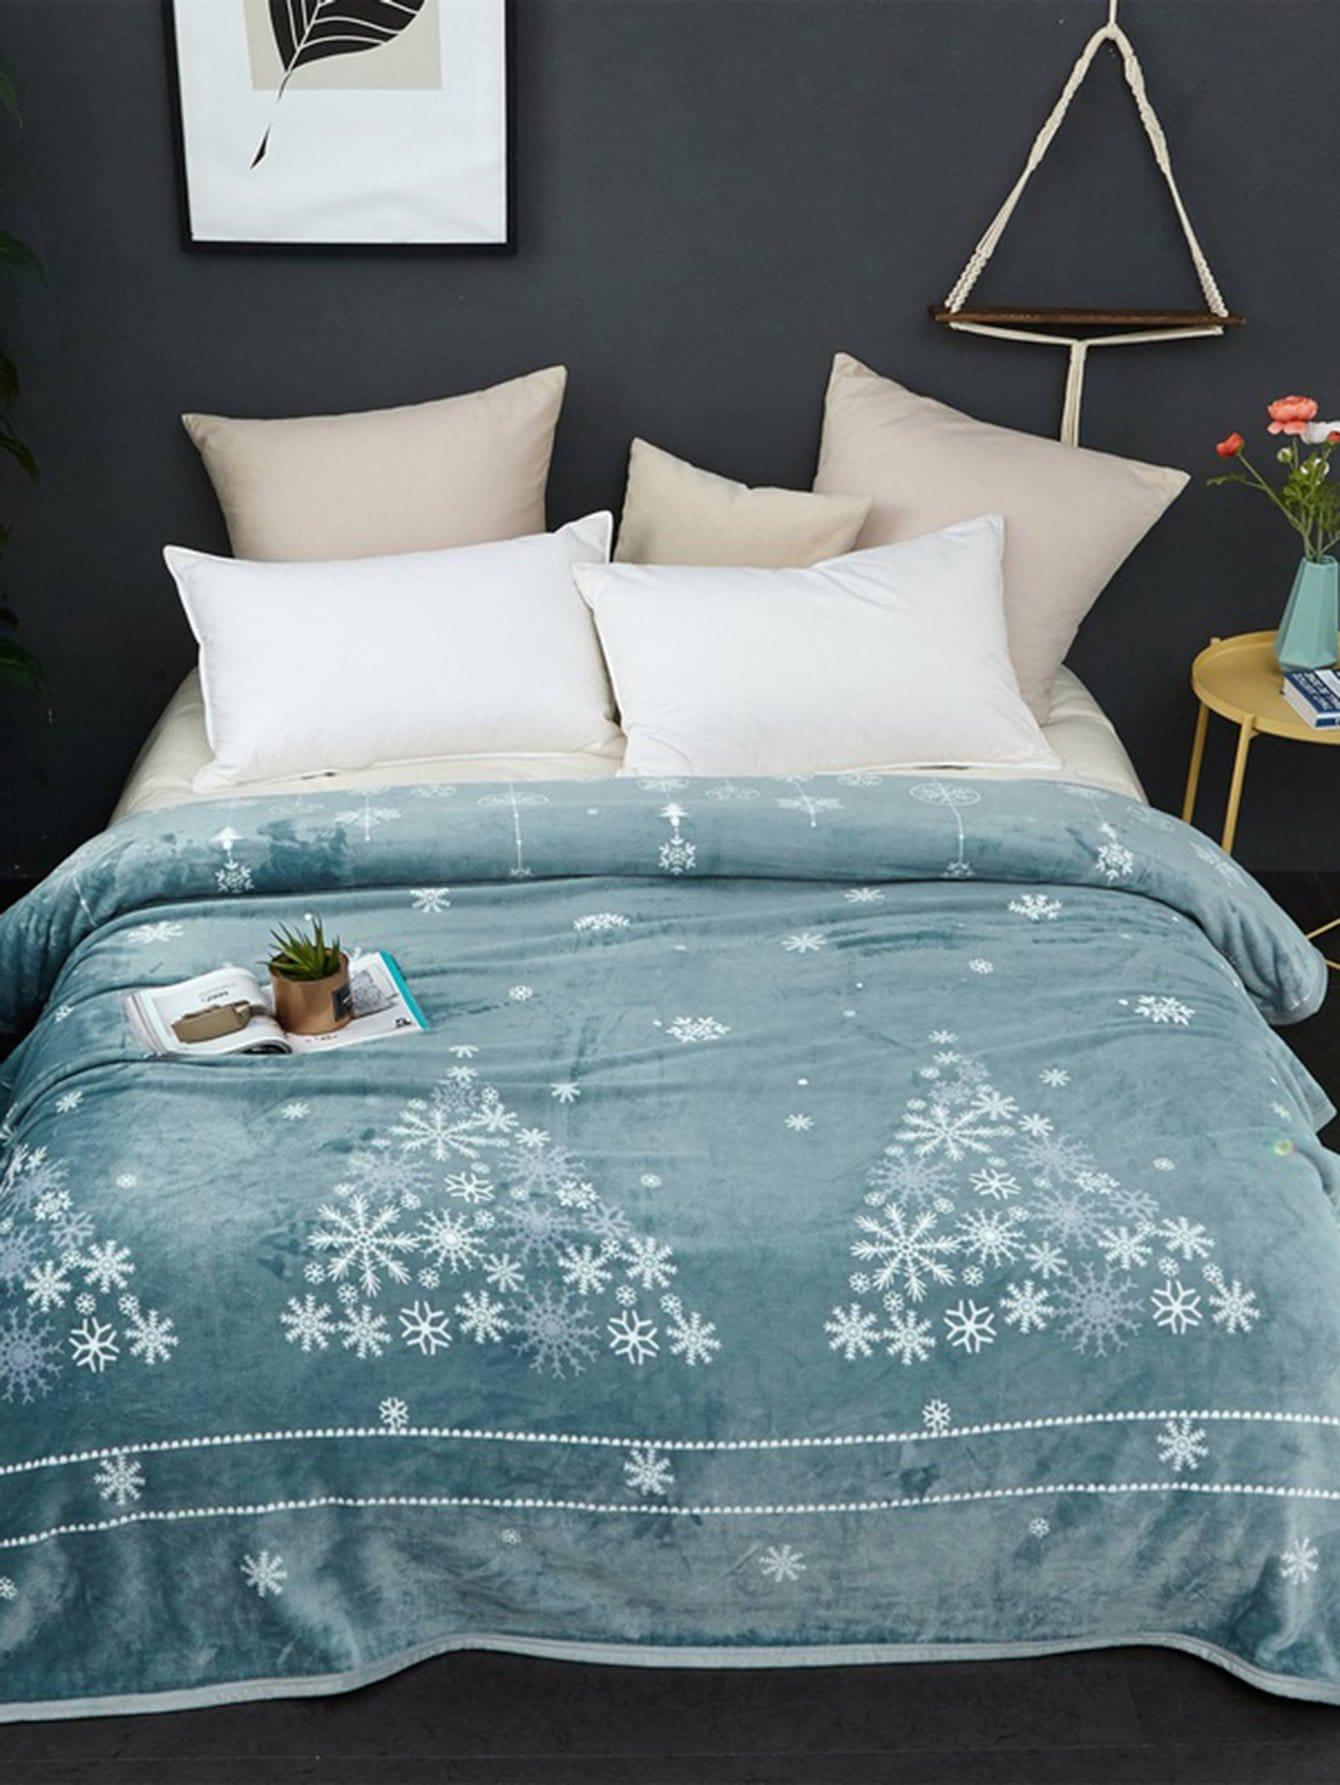 Купить Одеяло с принтом рождественския снежинки 1шт., null, SheIn